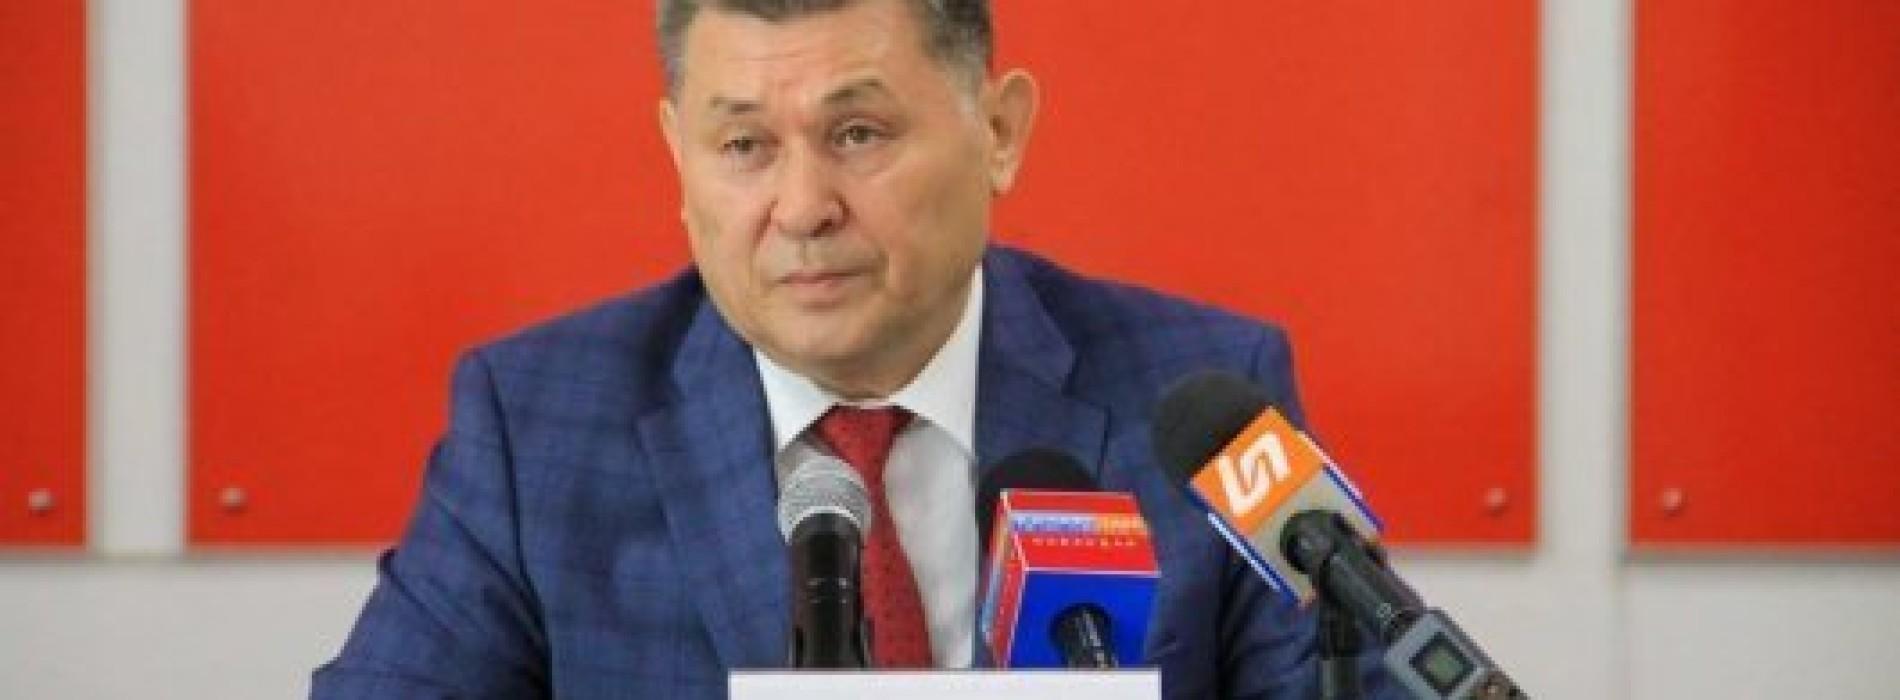 Обвиняемый в получении миллионной взятки павлодарский чиновник готов признать свою вину